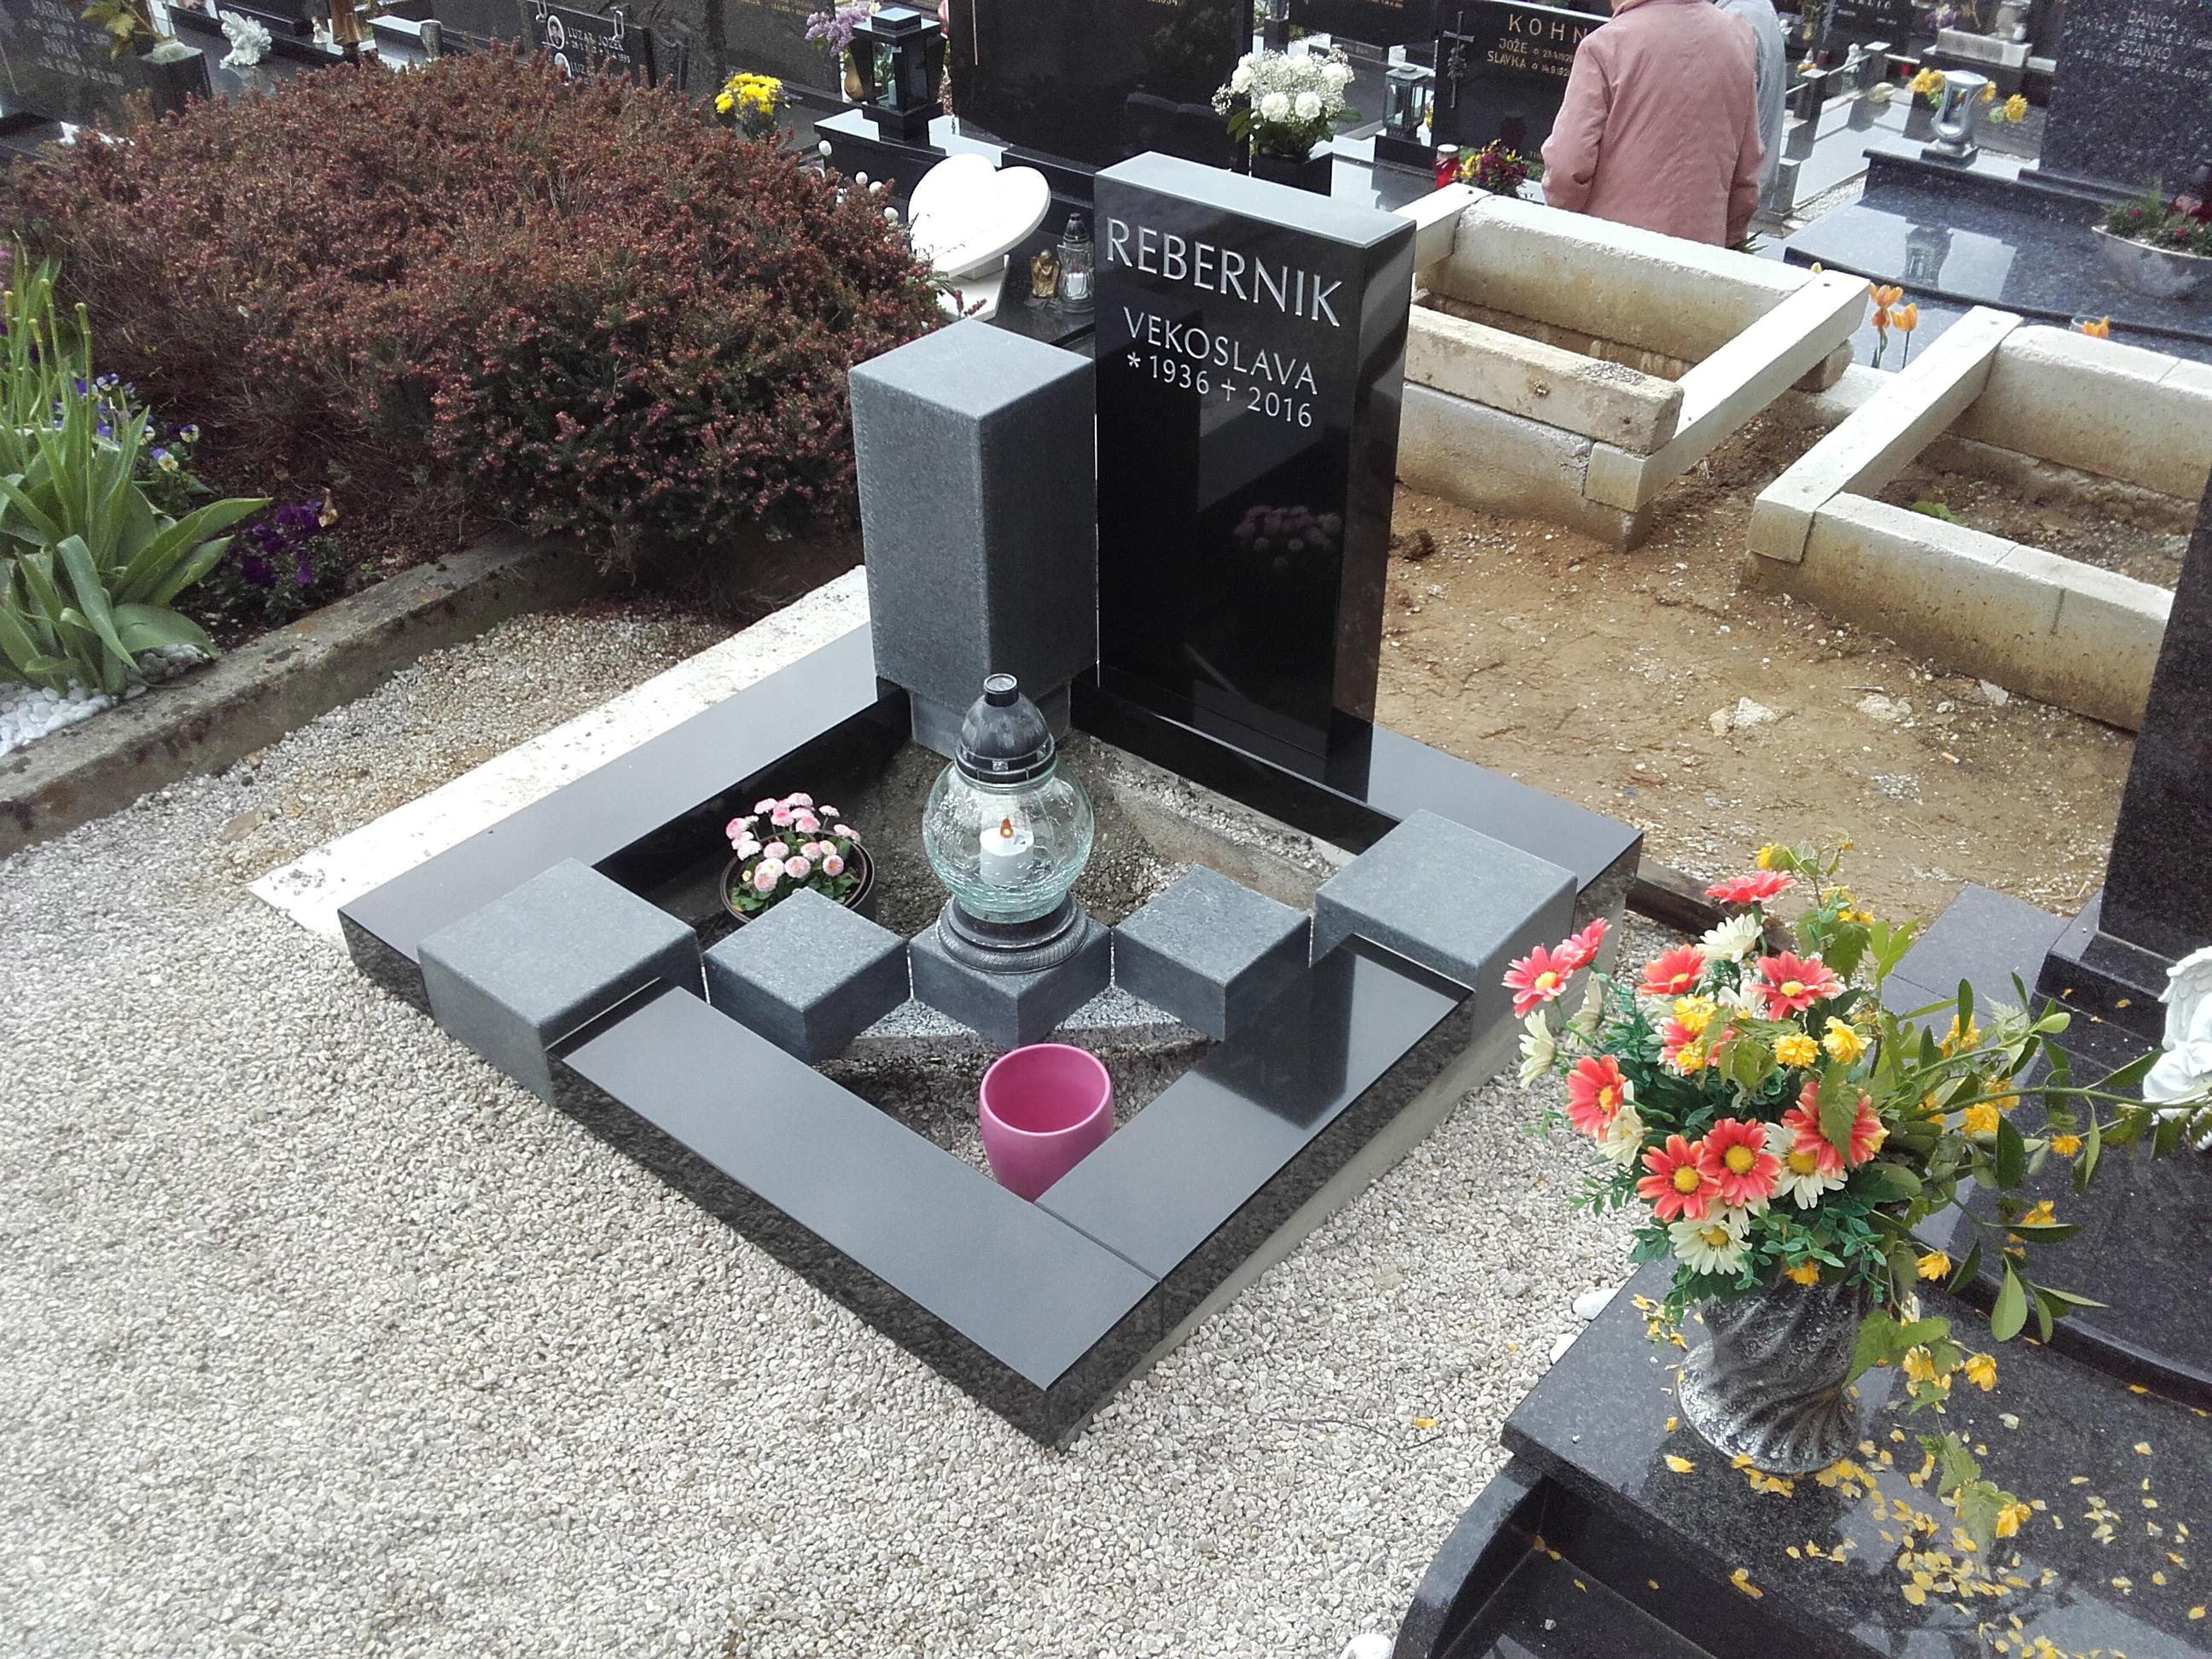 Žarni nagrobnik 2